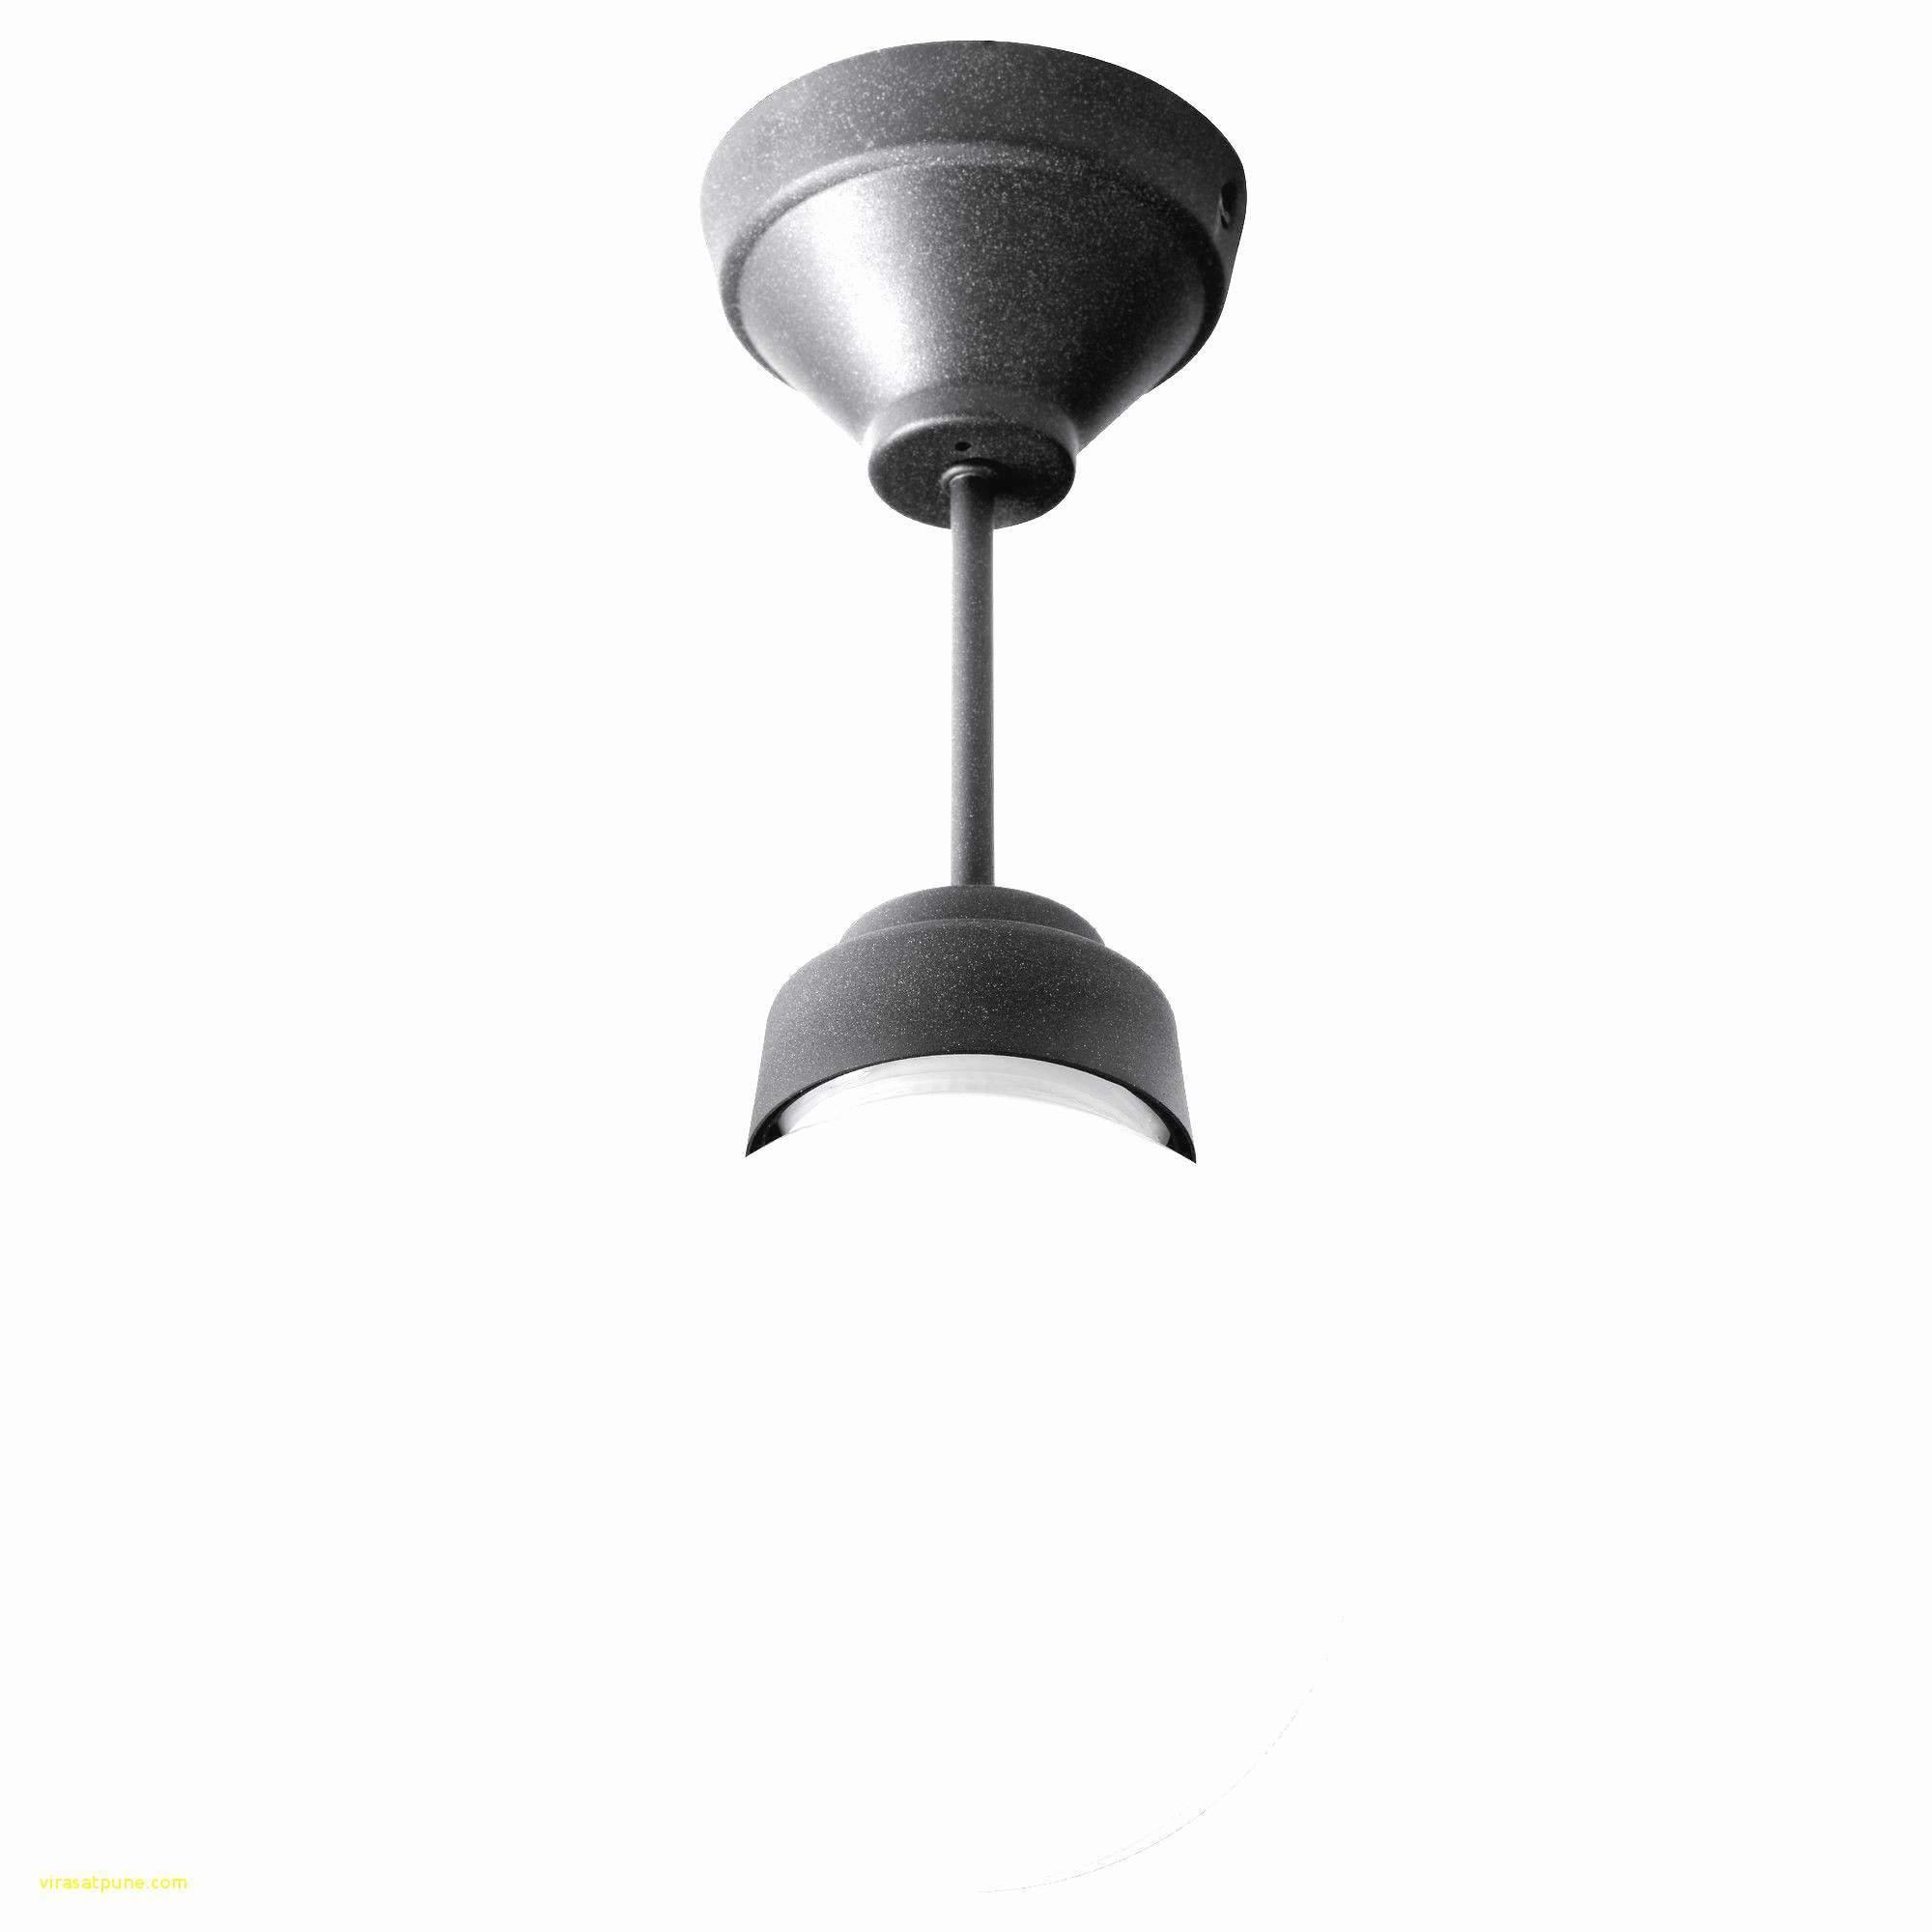 wohnzimmer stehlampen neu elegant wohnzimmer stehlampen of wohnzimmer stehlampen